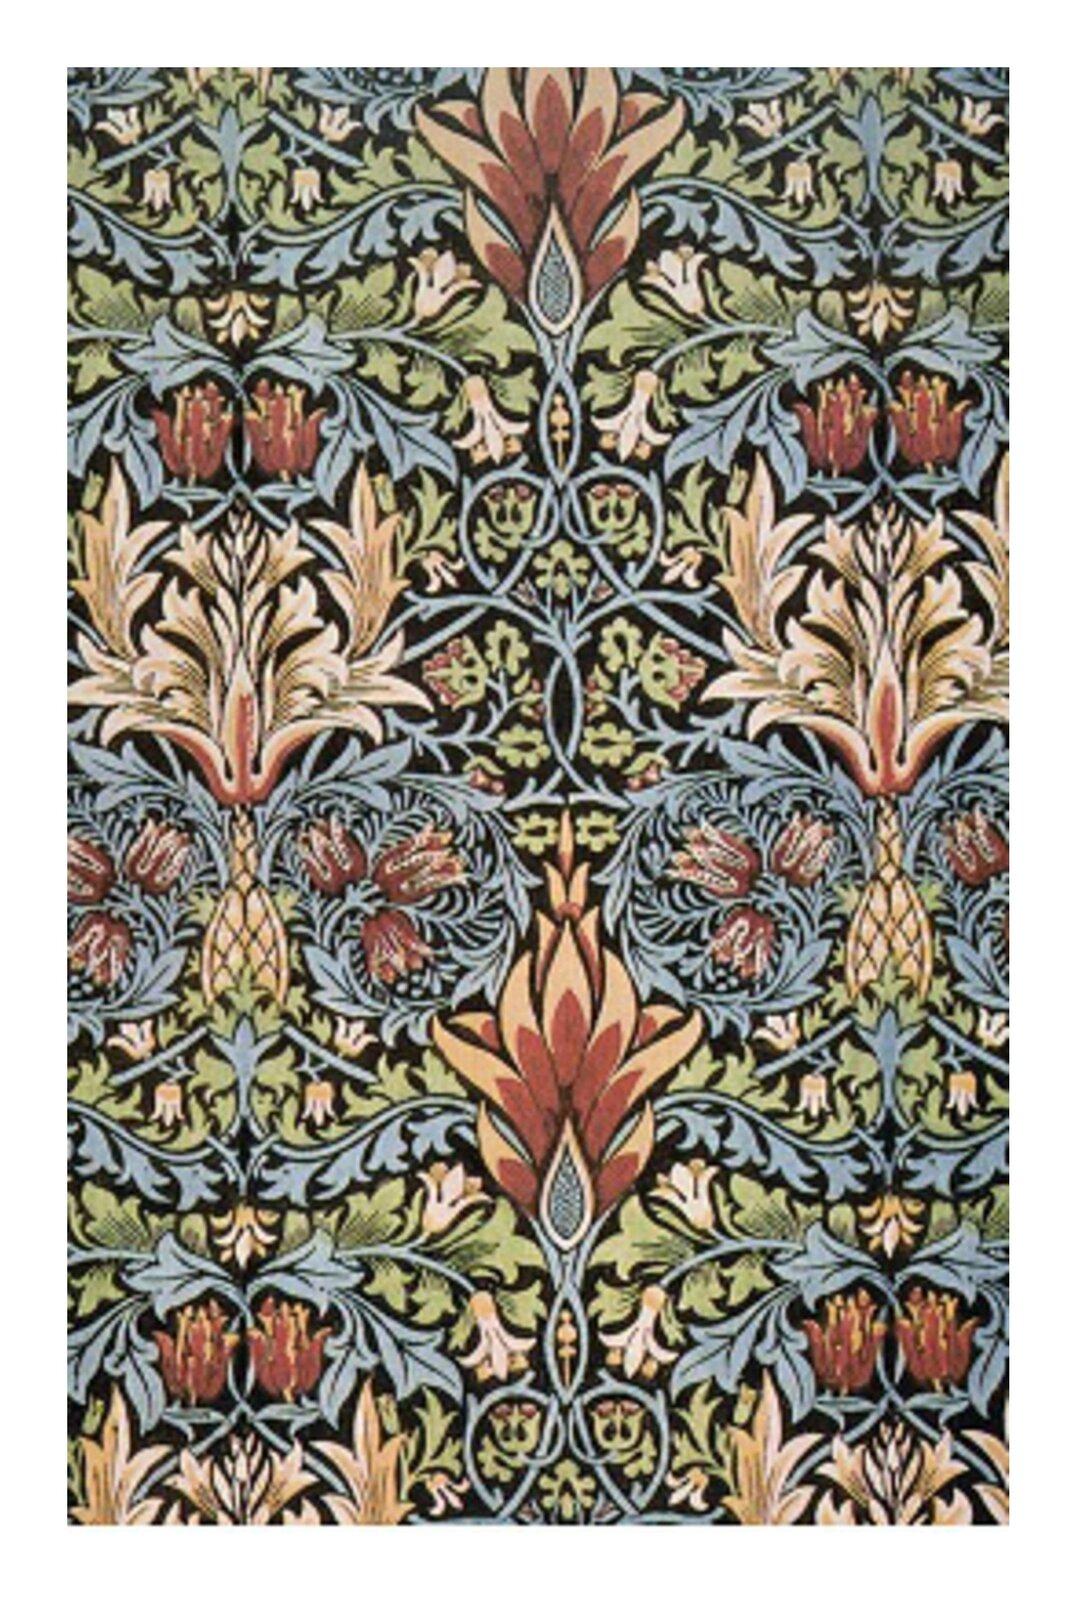 Wzadaniu została wykorzystana grafika ornamentu kwiatowego, wzór przedstawia powtarzające się fragmentu kwiatów zużyciem wielu kolorów.